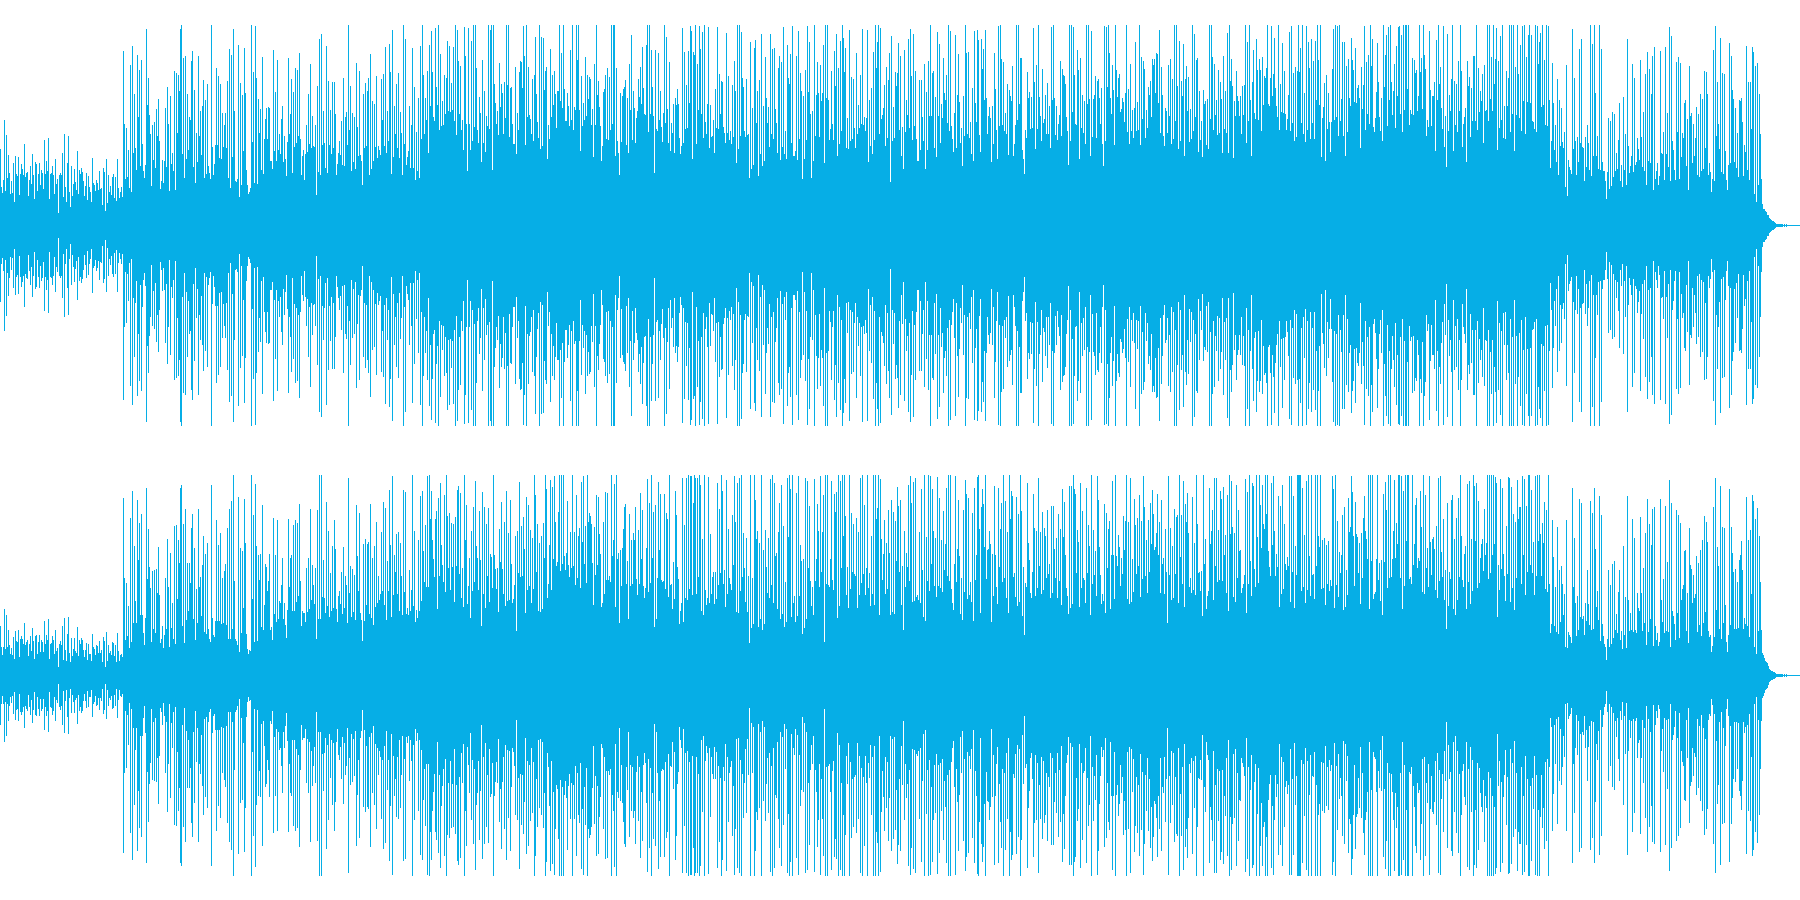 ウクレレとピアノが印象的なサマーソングの再生済みの波形